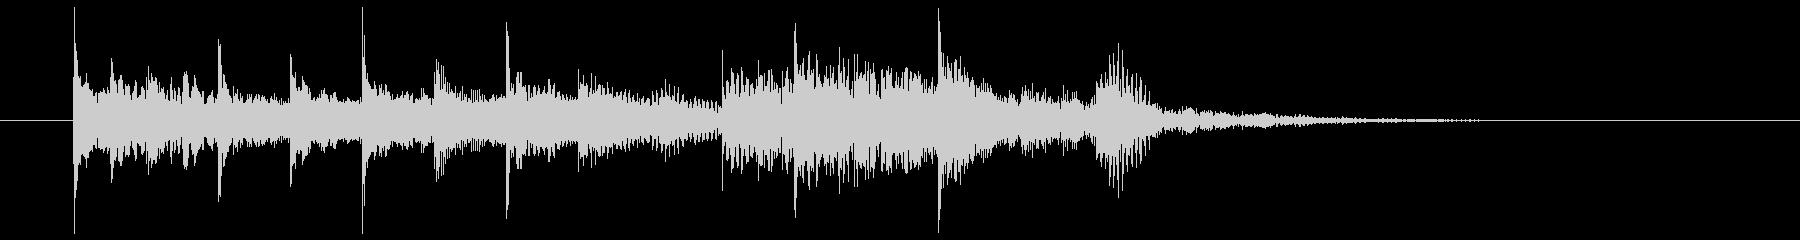 ポップでコミカルなジングル、サウンドロゴの未再生の波形